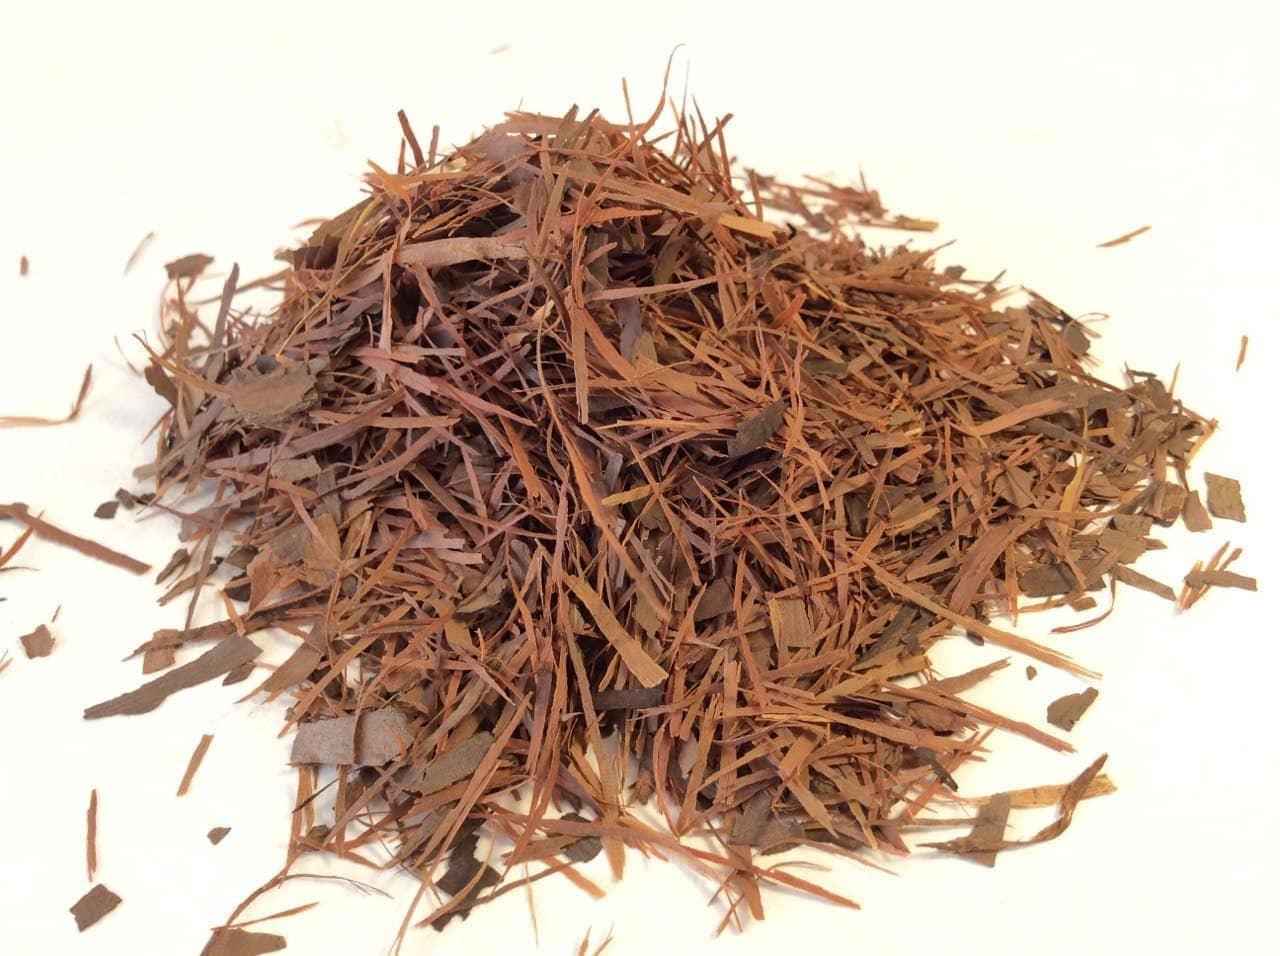 Кора муравьиного дерева - Пау Дарко - Лапачо